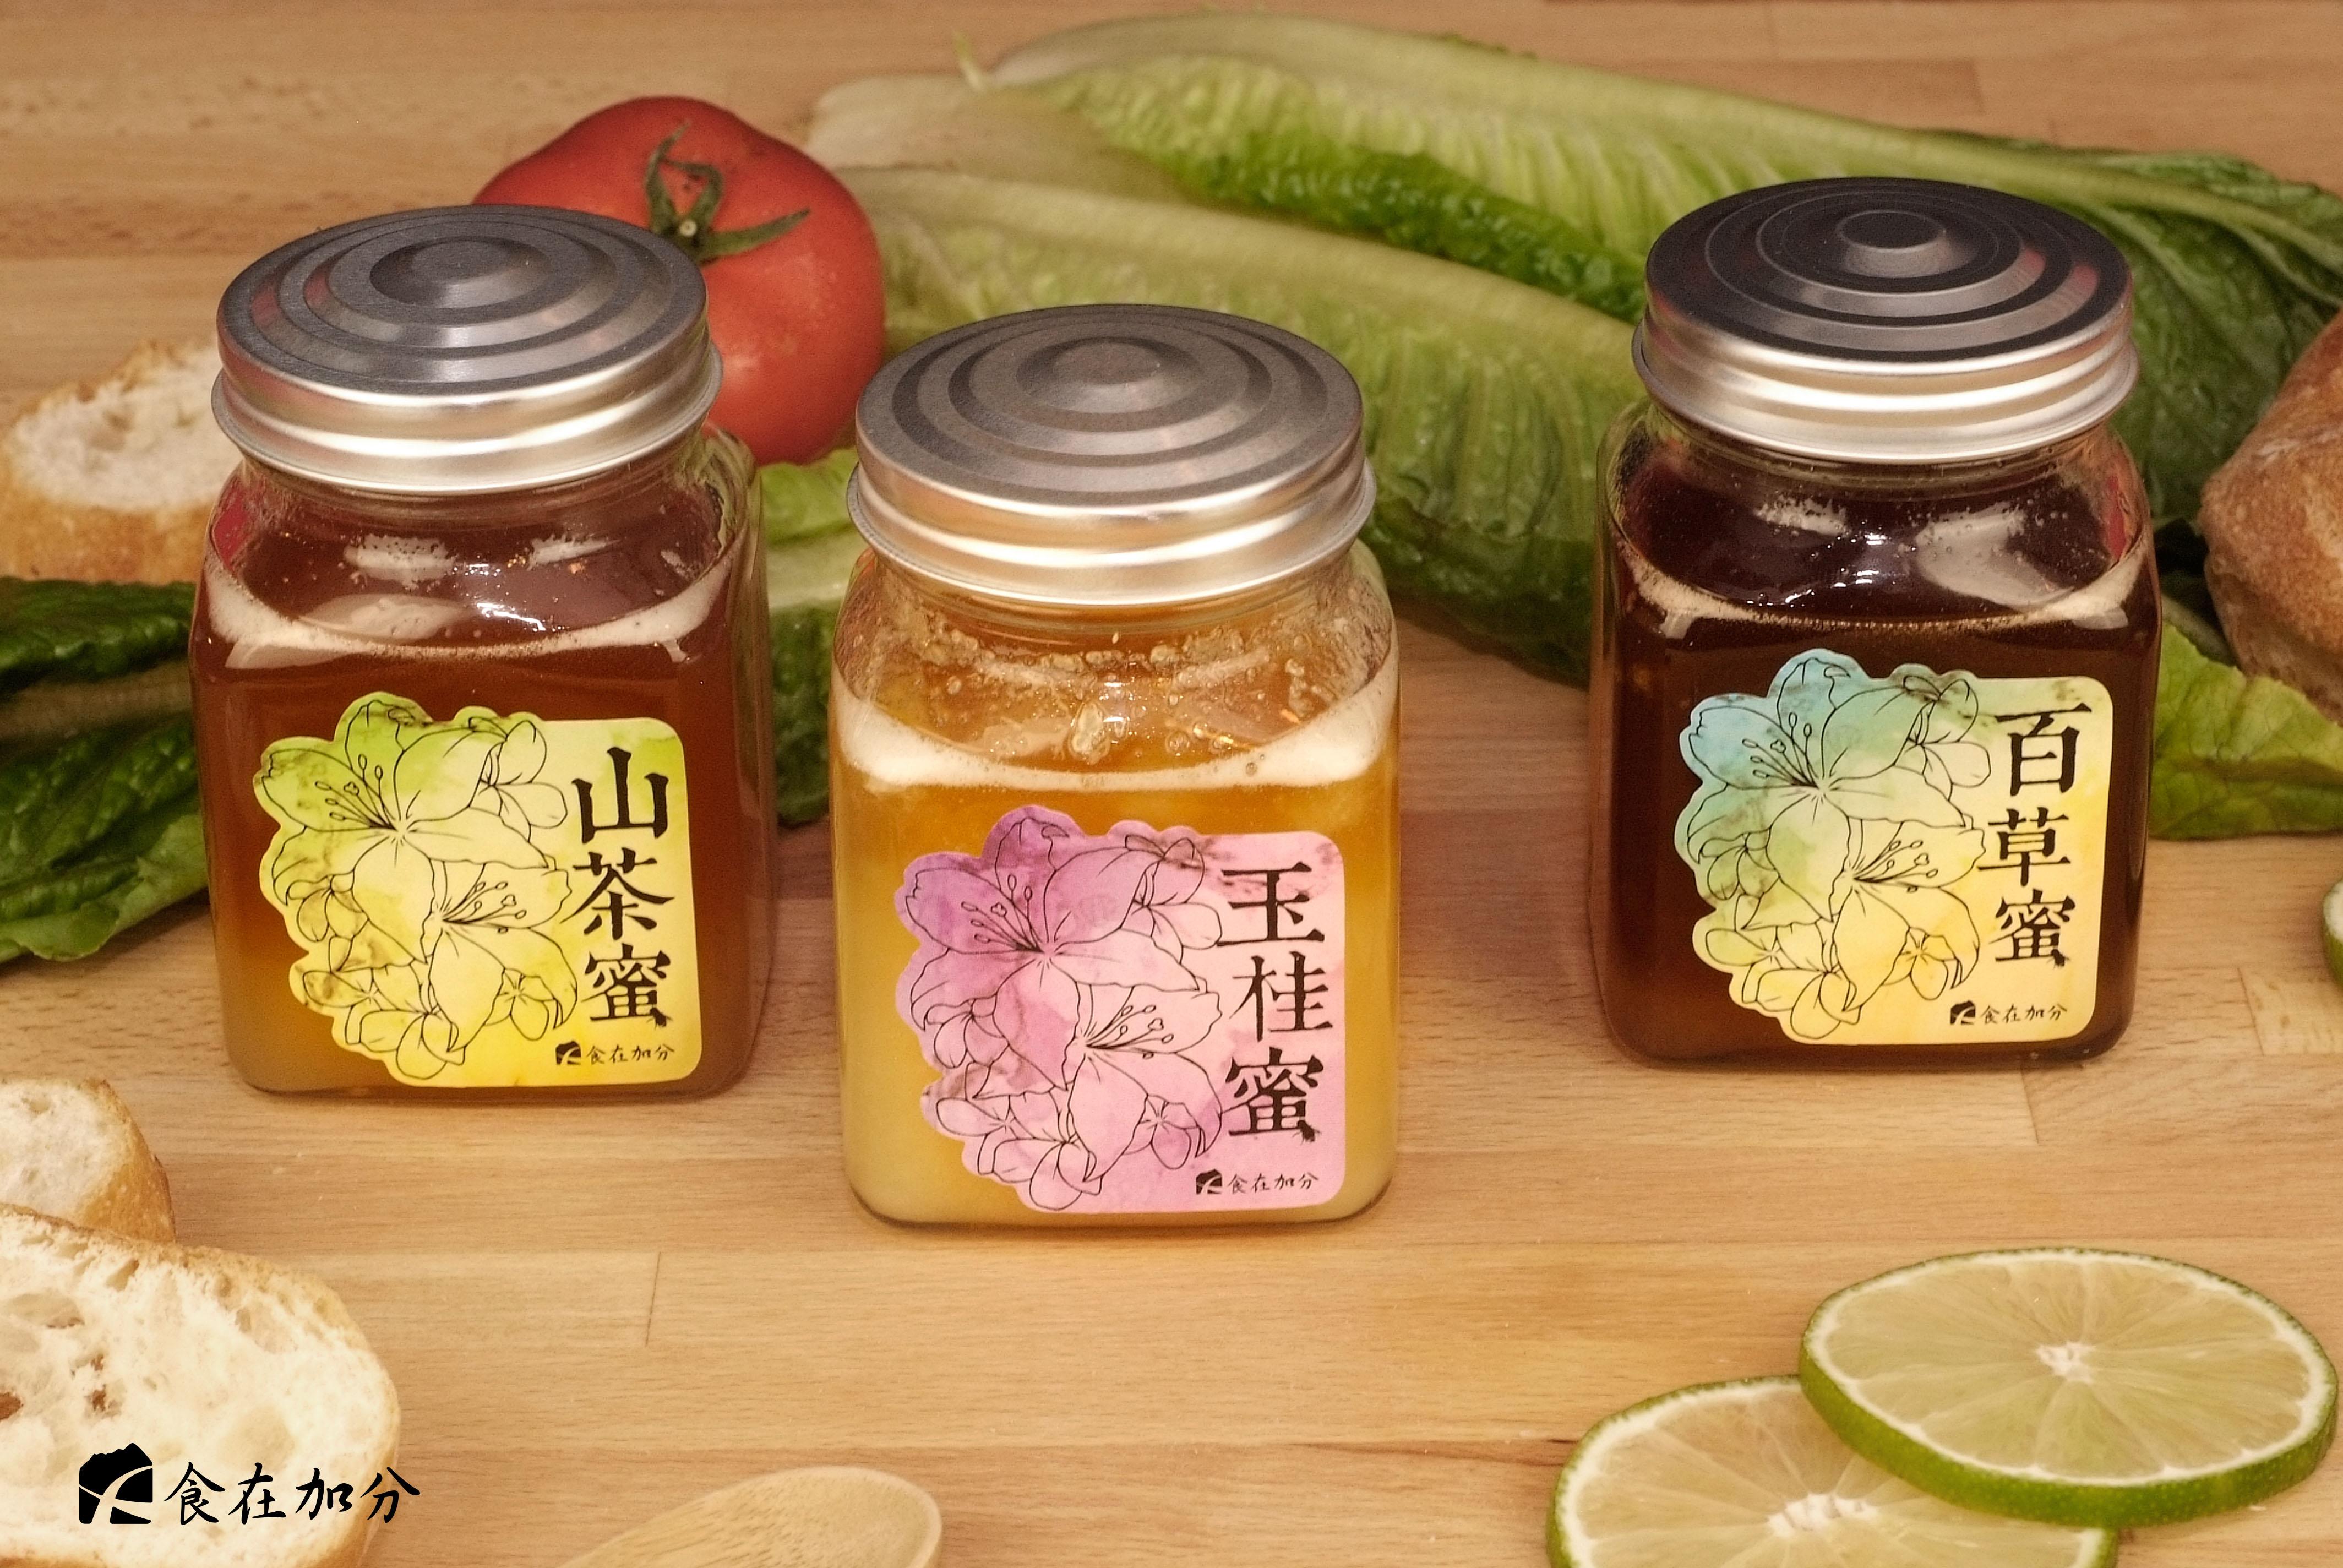 【食在加分】小罐蜂蜜綜合組~ 蜜源純淨 天然熟成 ~ / 250g*3 2